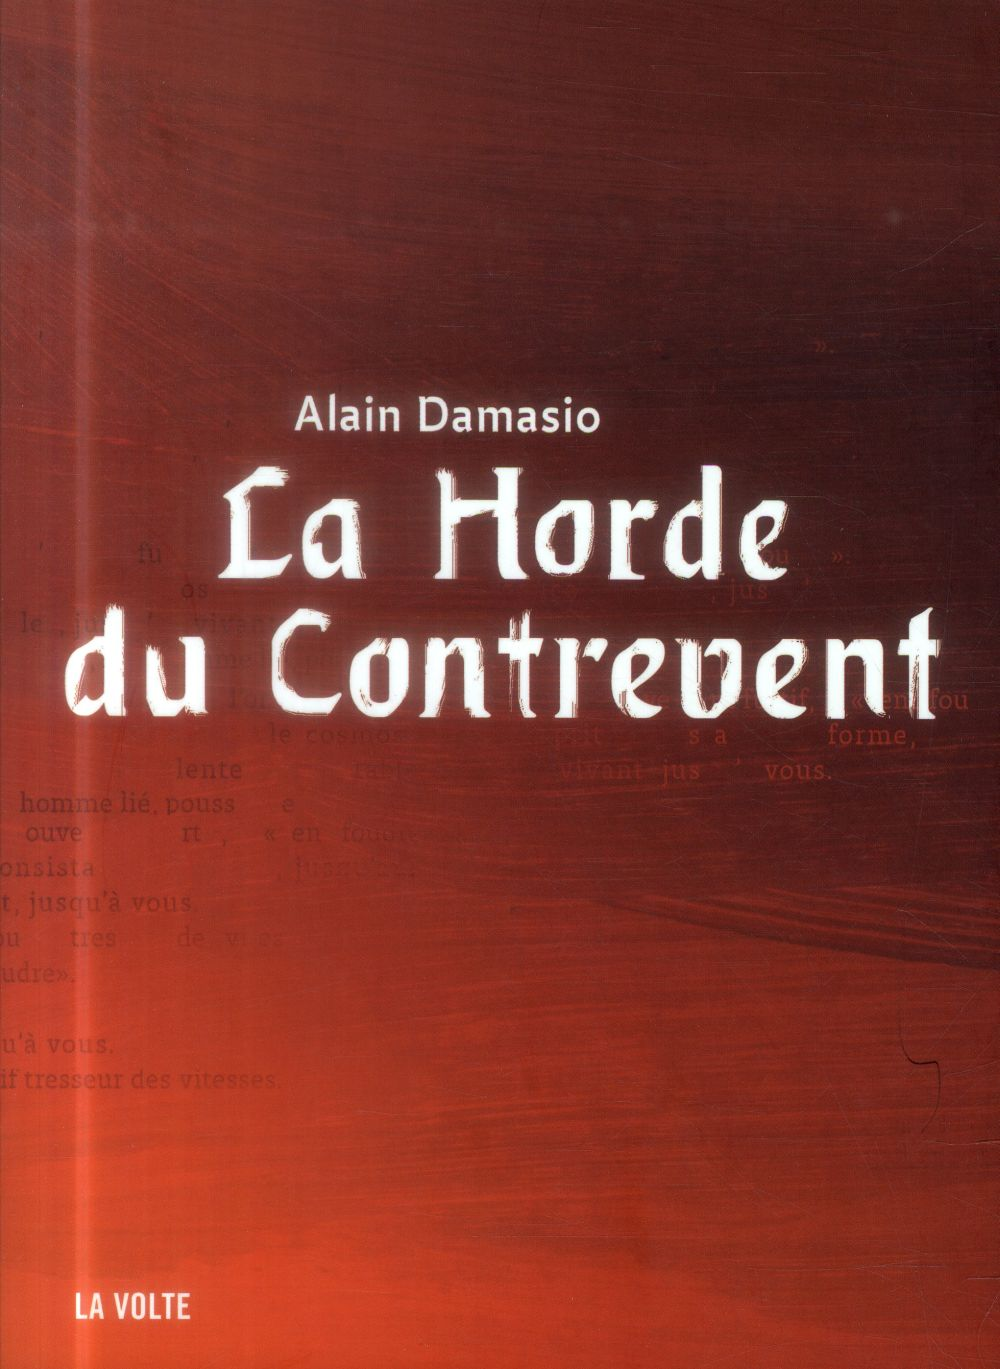 LA HORDE DU CONTREVENT Damasio Alain